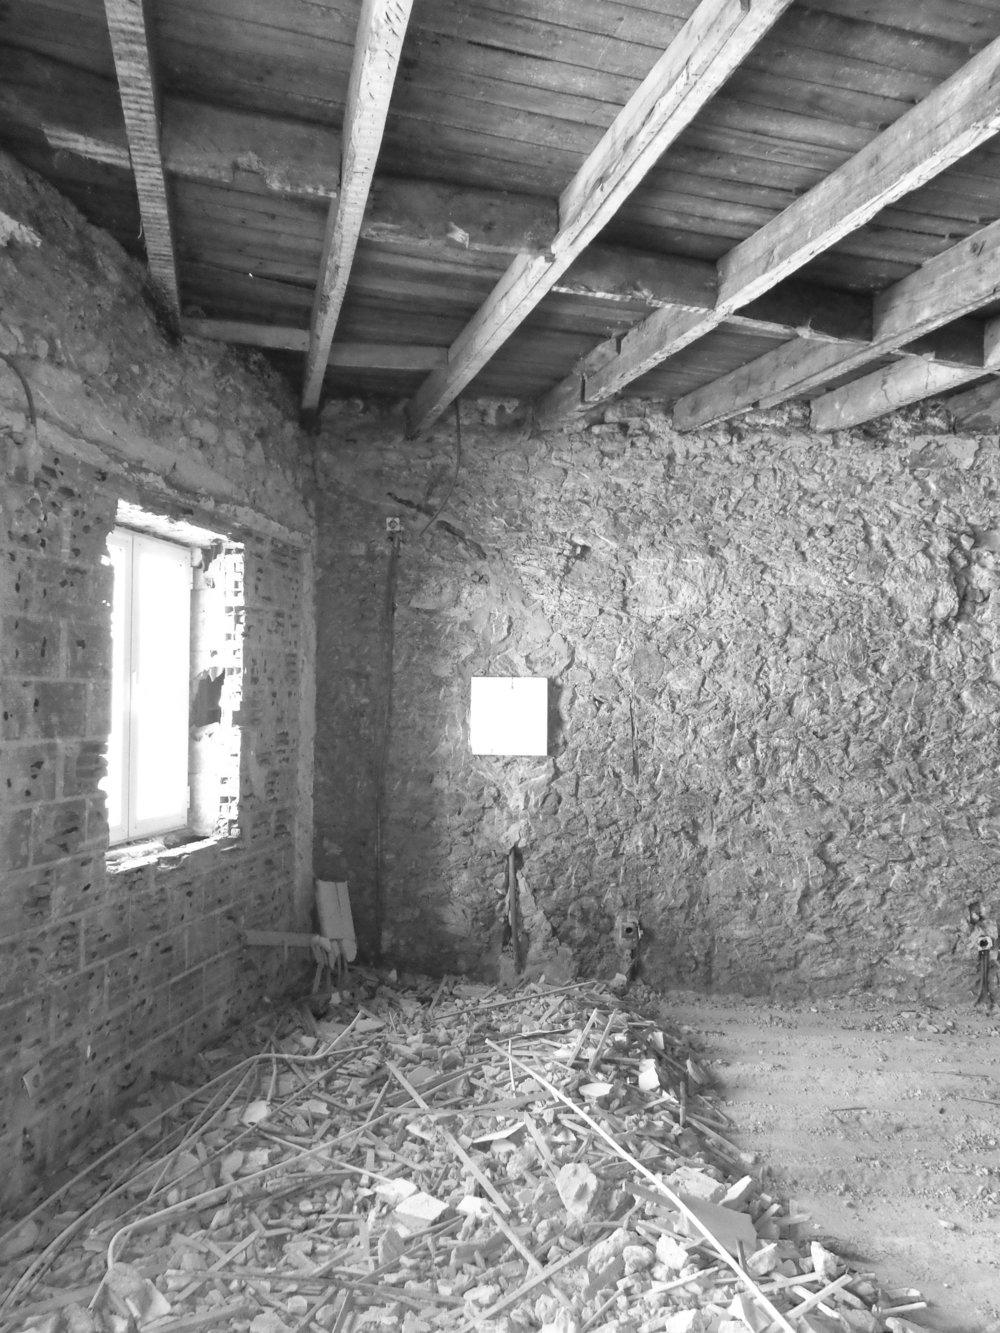 decoracao de interiores sao joao da madeira : decoracao de interiores sao joao da madeira: – são joão da madeira – remodelação – arquitectos porto (5).jpg